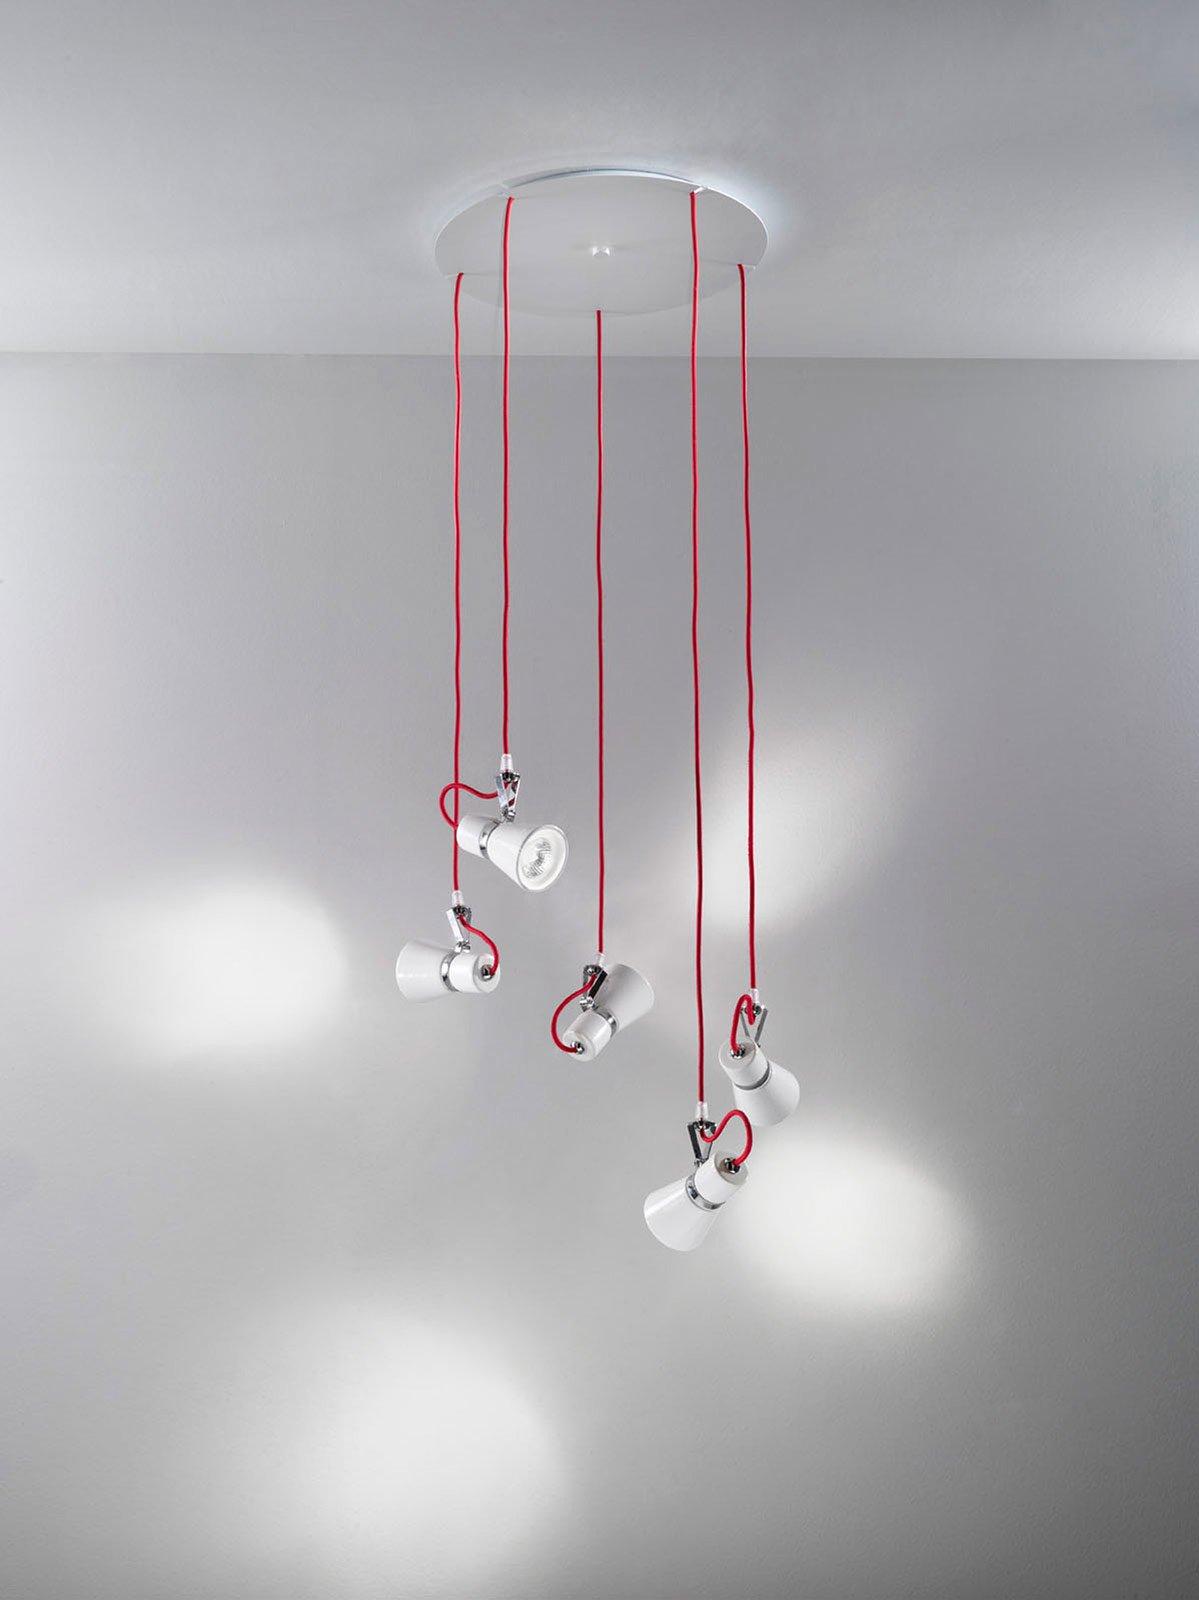 Lampade a sospensione anche low cost cose di casa - Illuminazione design low cost ...